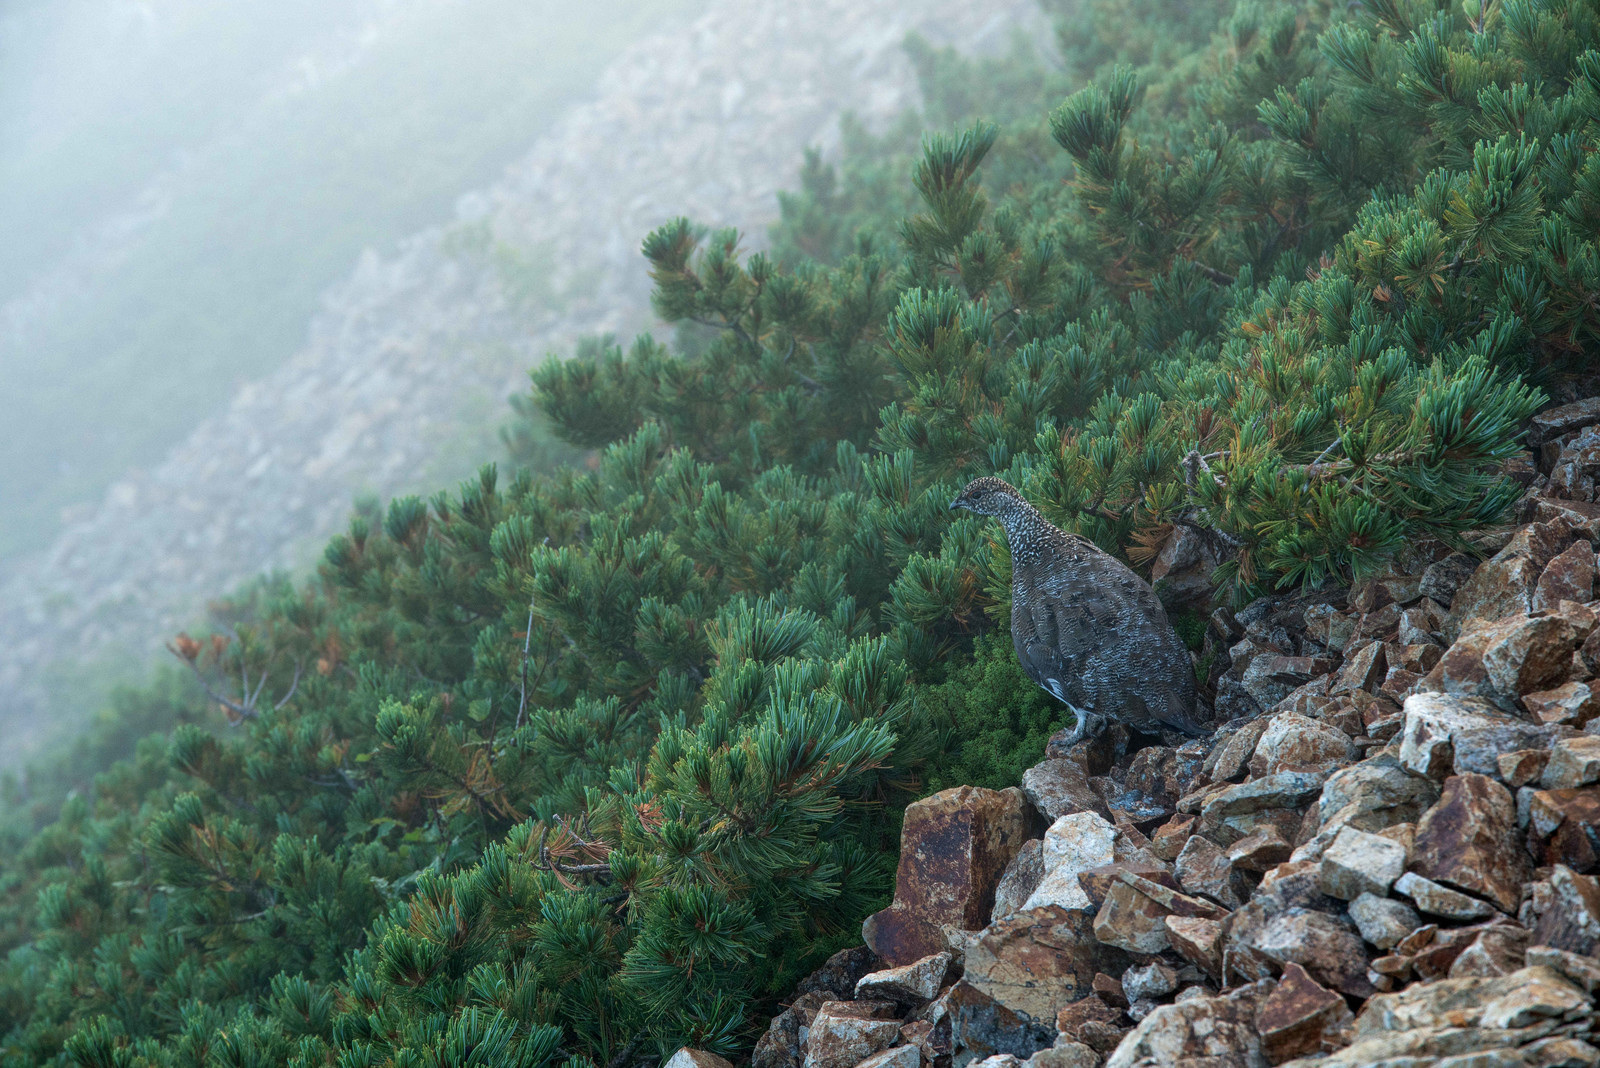 「朝霧の中のライチョウ」の写真